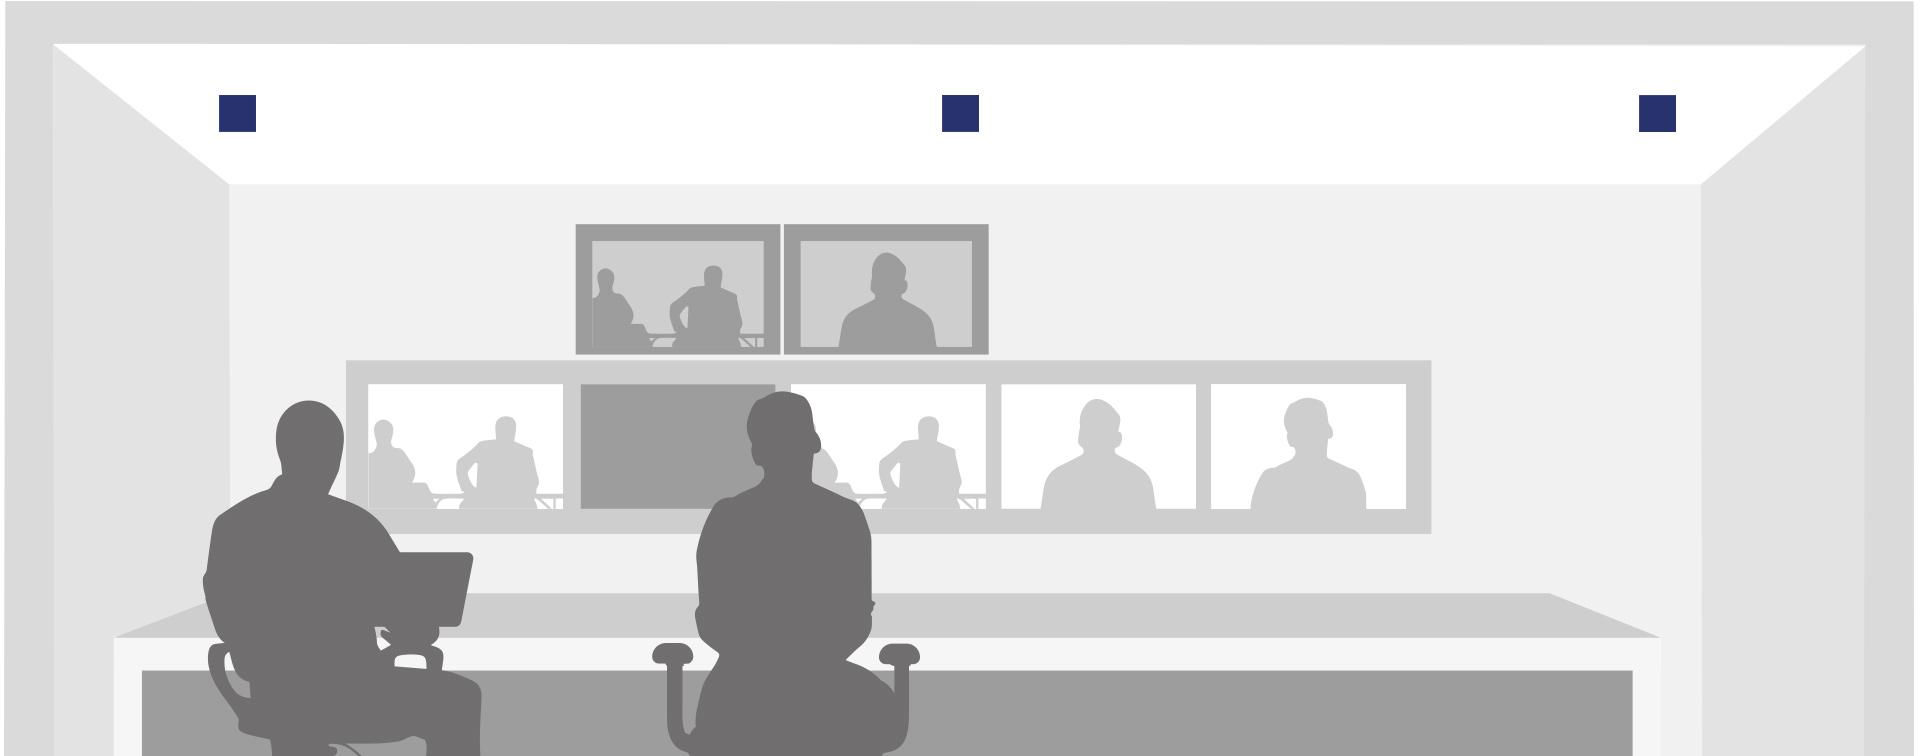 Leuchten für Videokonferenzen in Gefängnissen